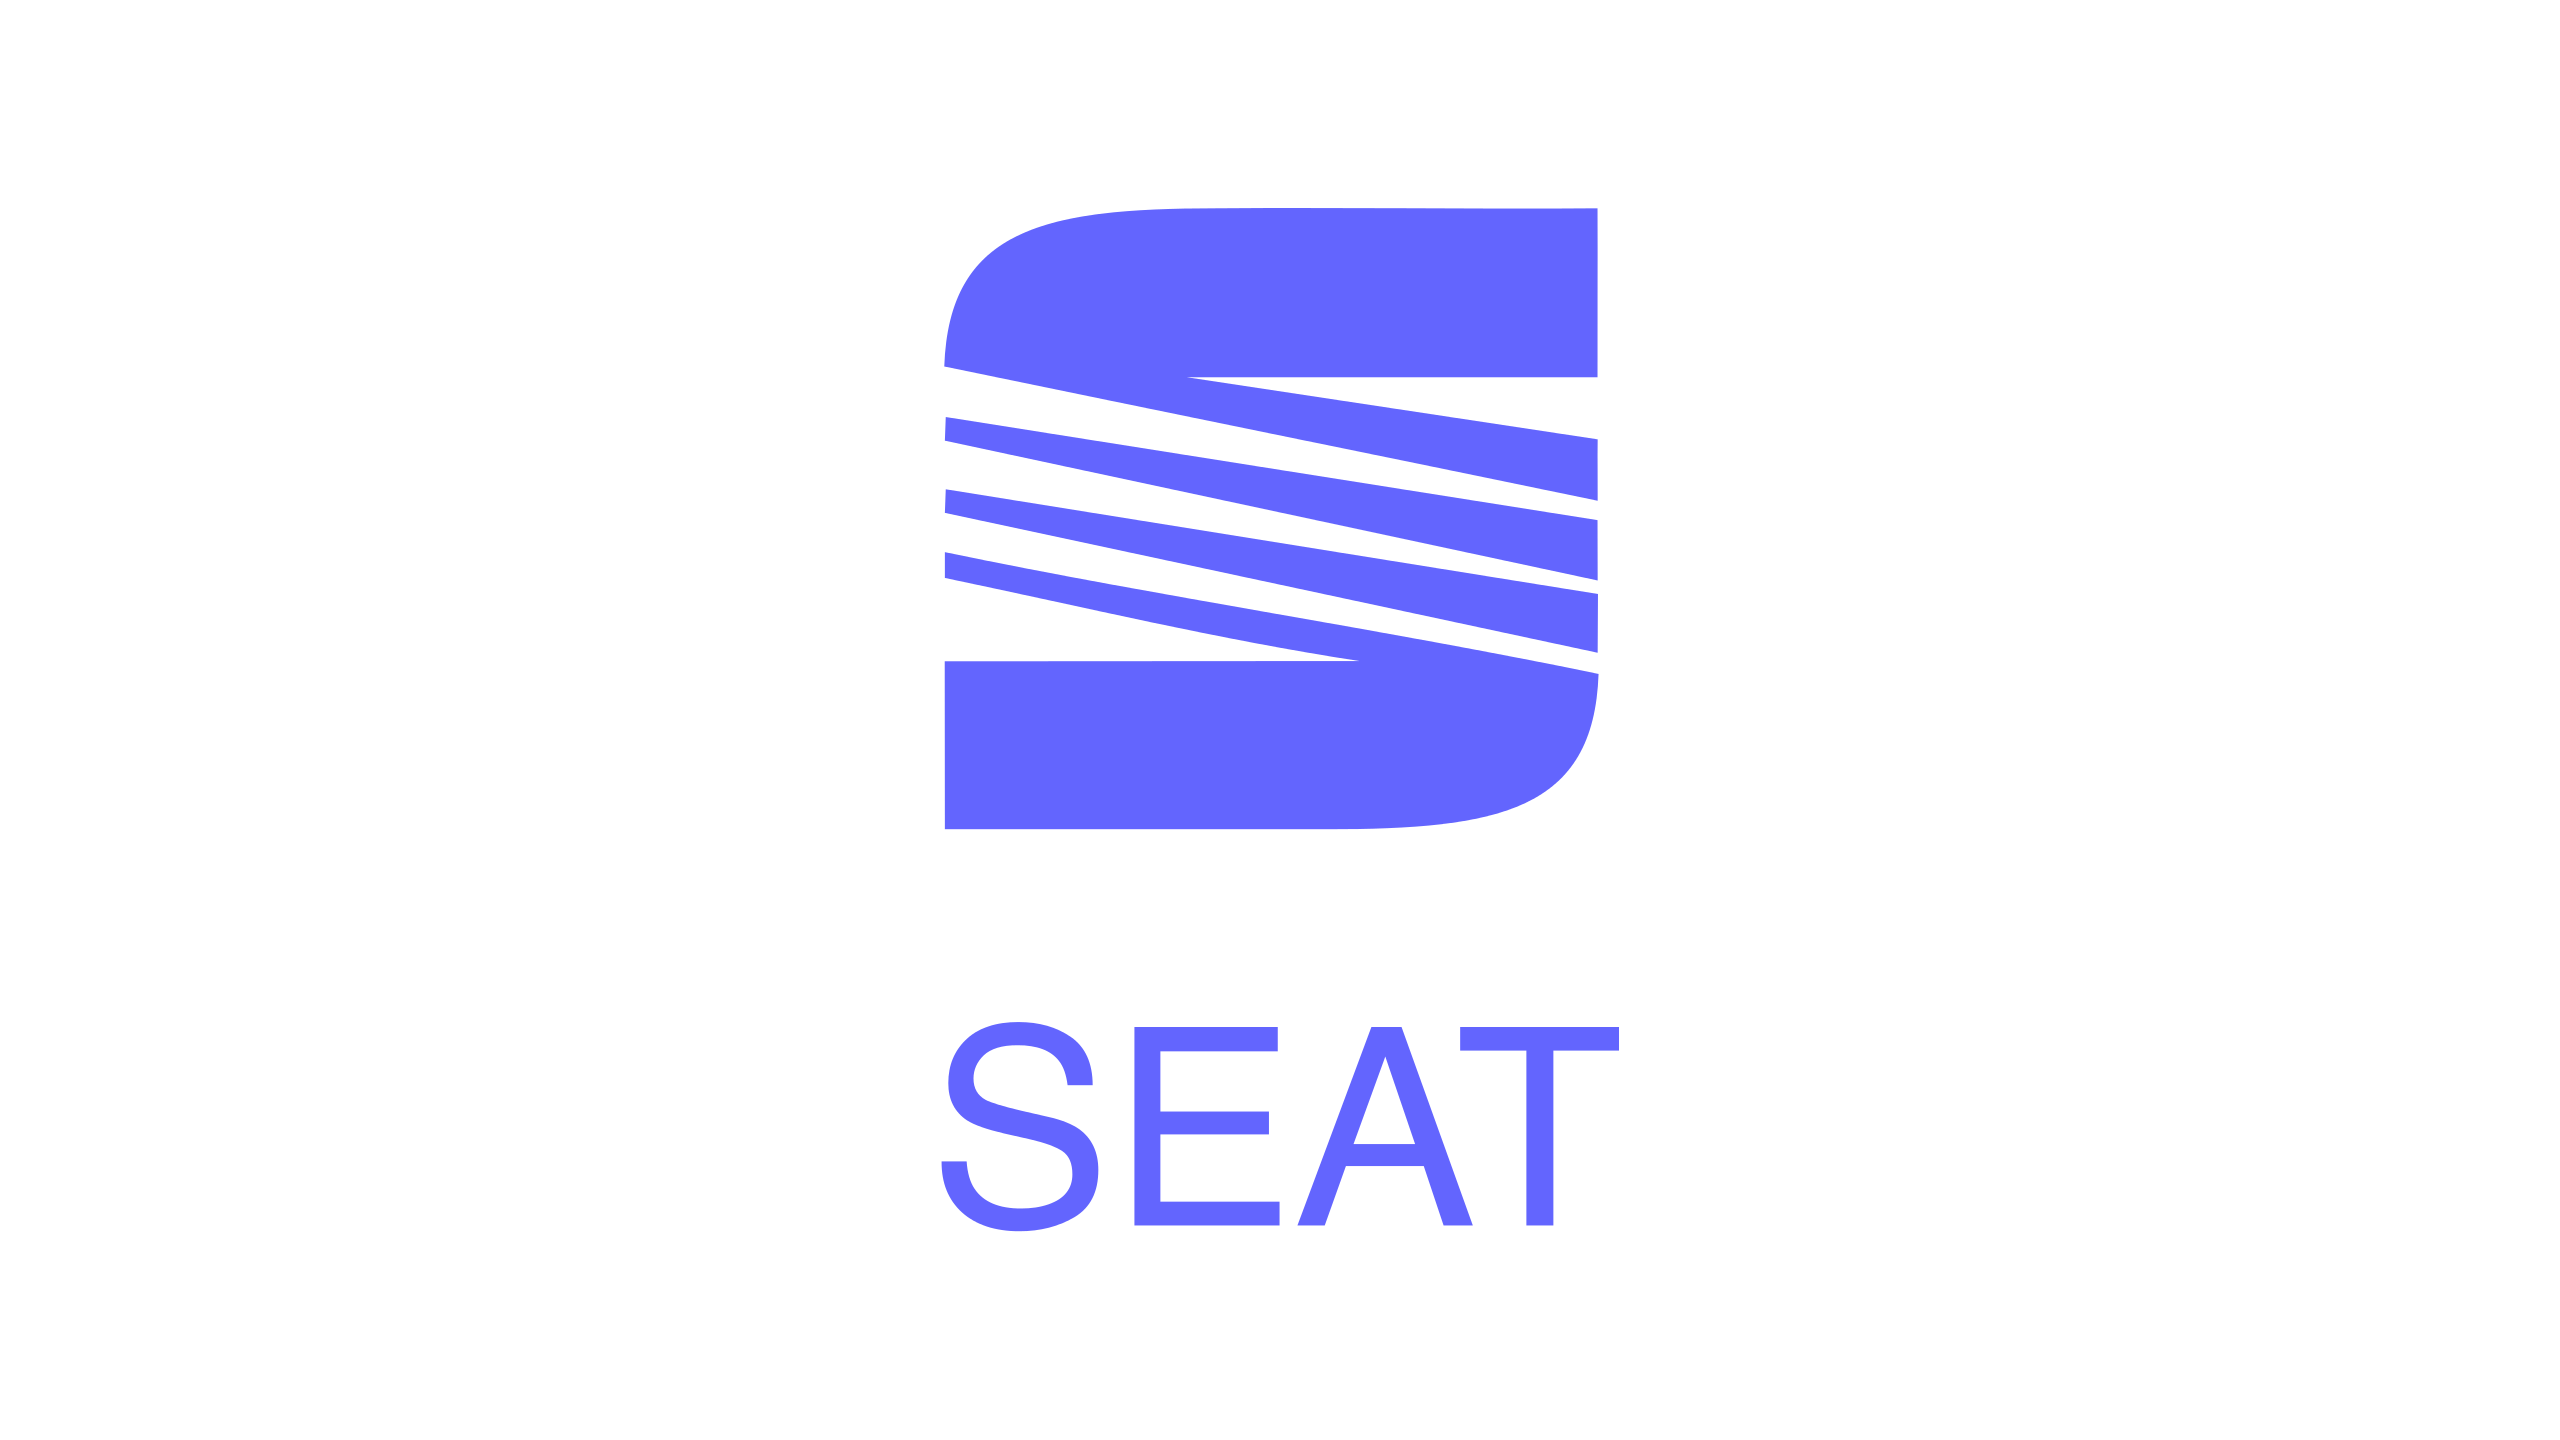 SEAT Logo (1992) 2560x1440 HD png - Seat HD PNG